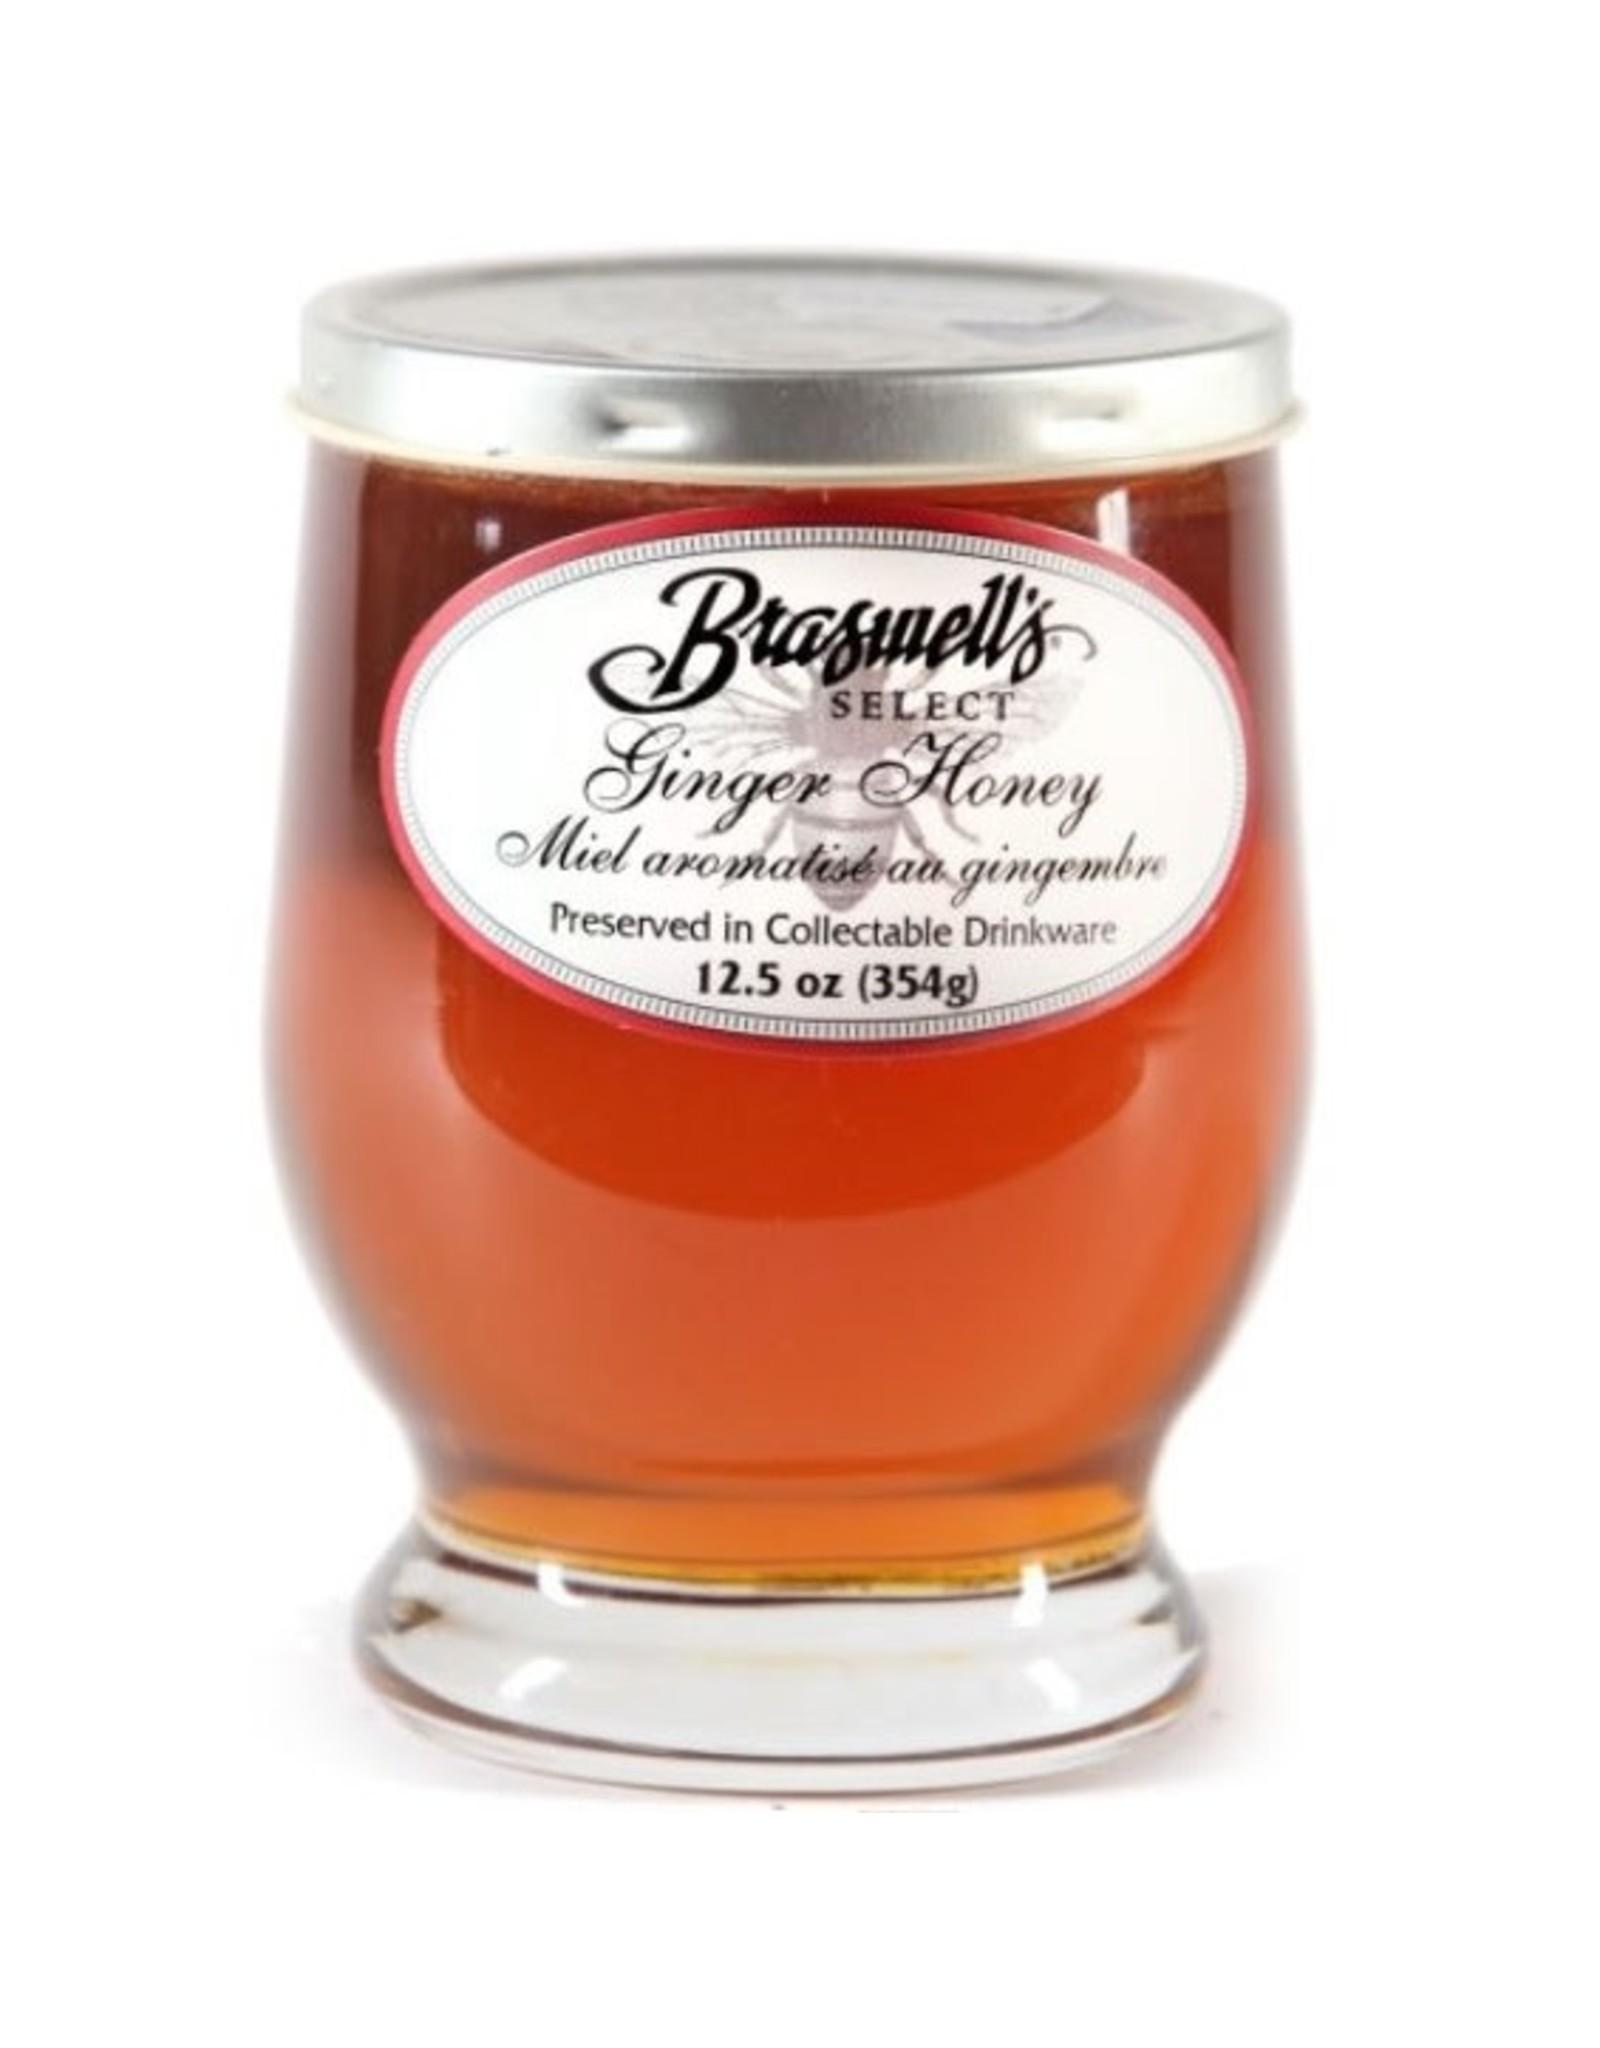 Braswell GINGER HONEY